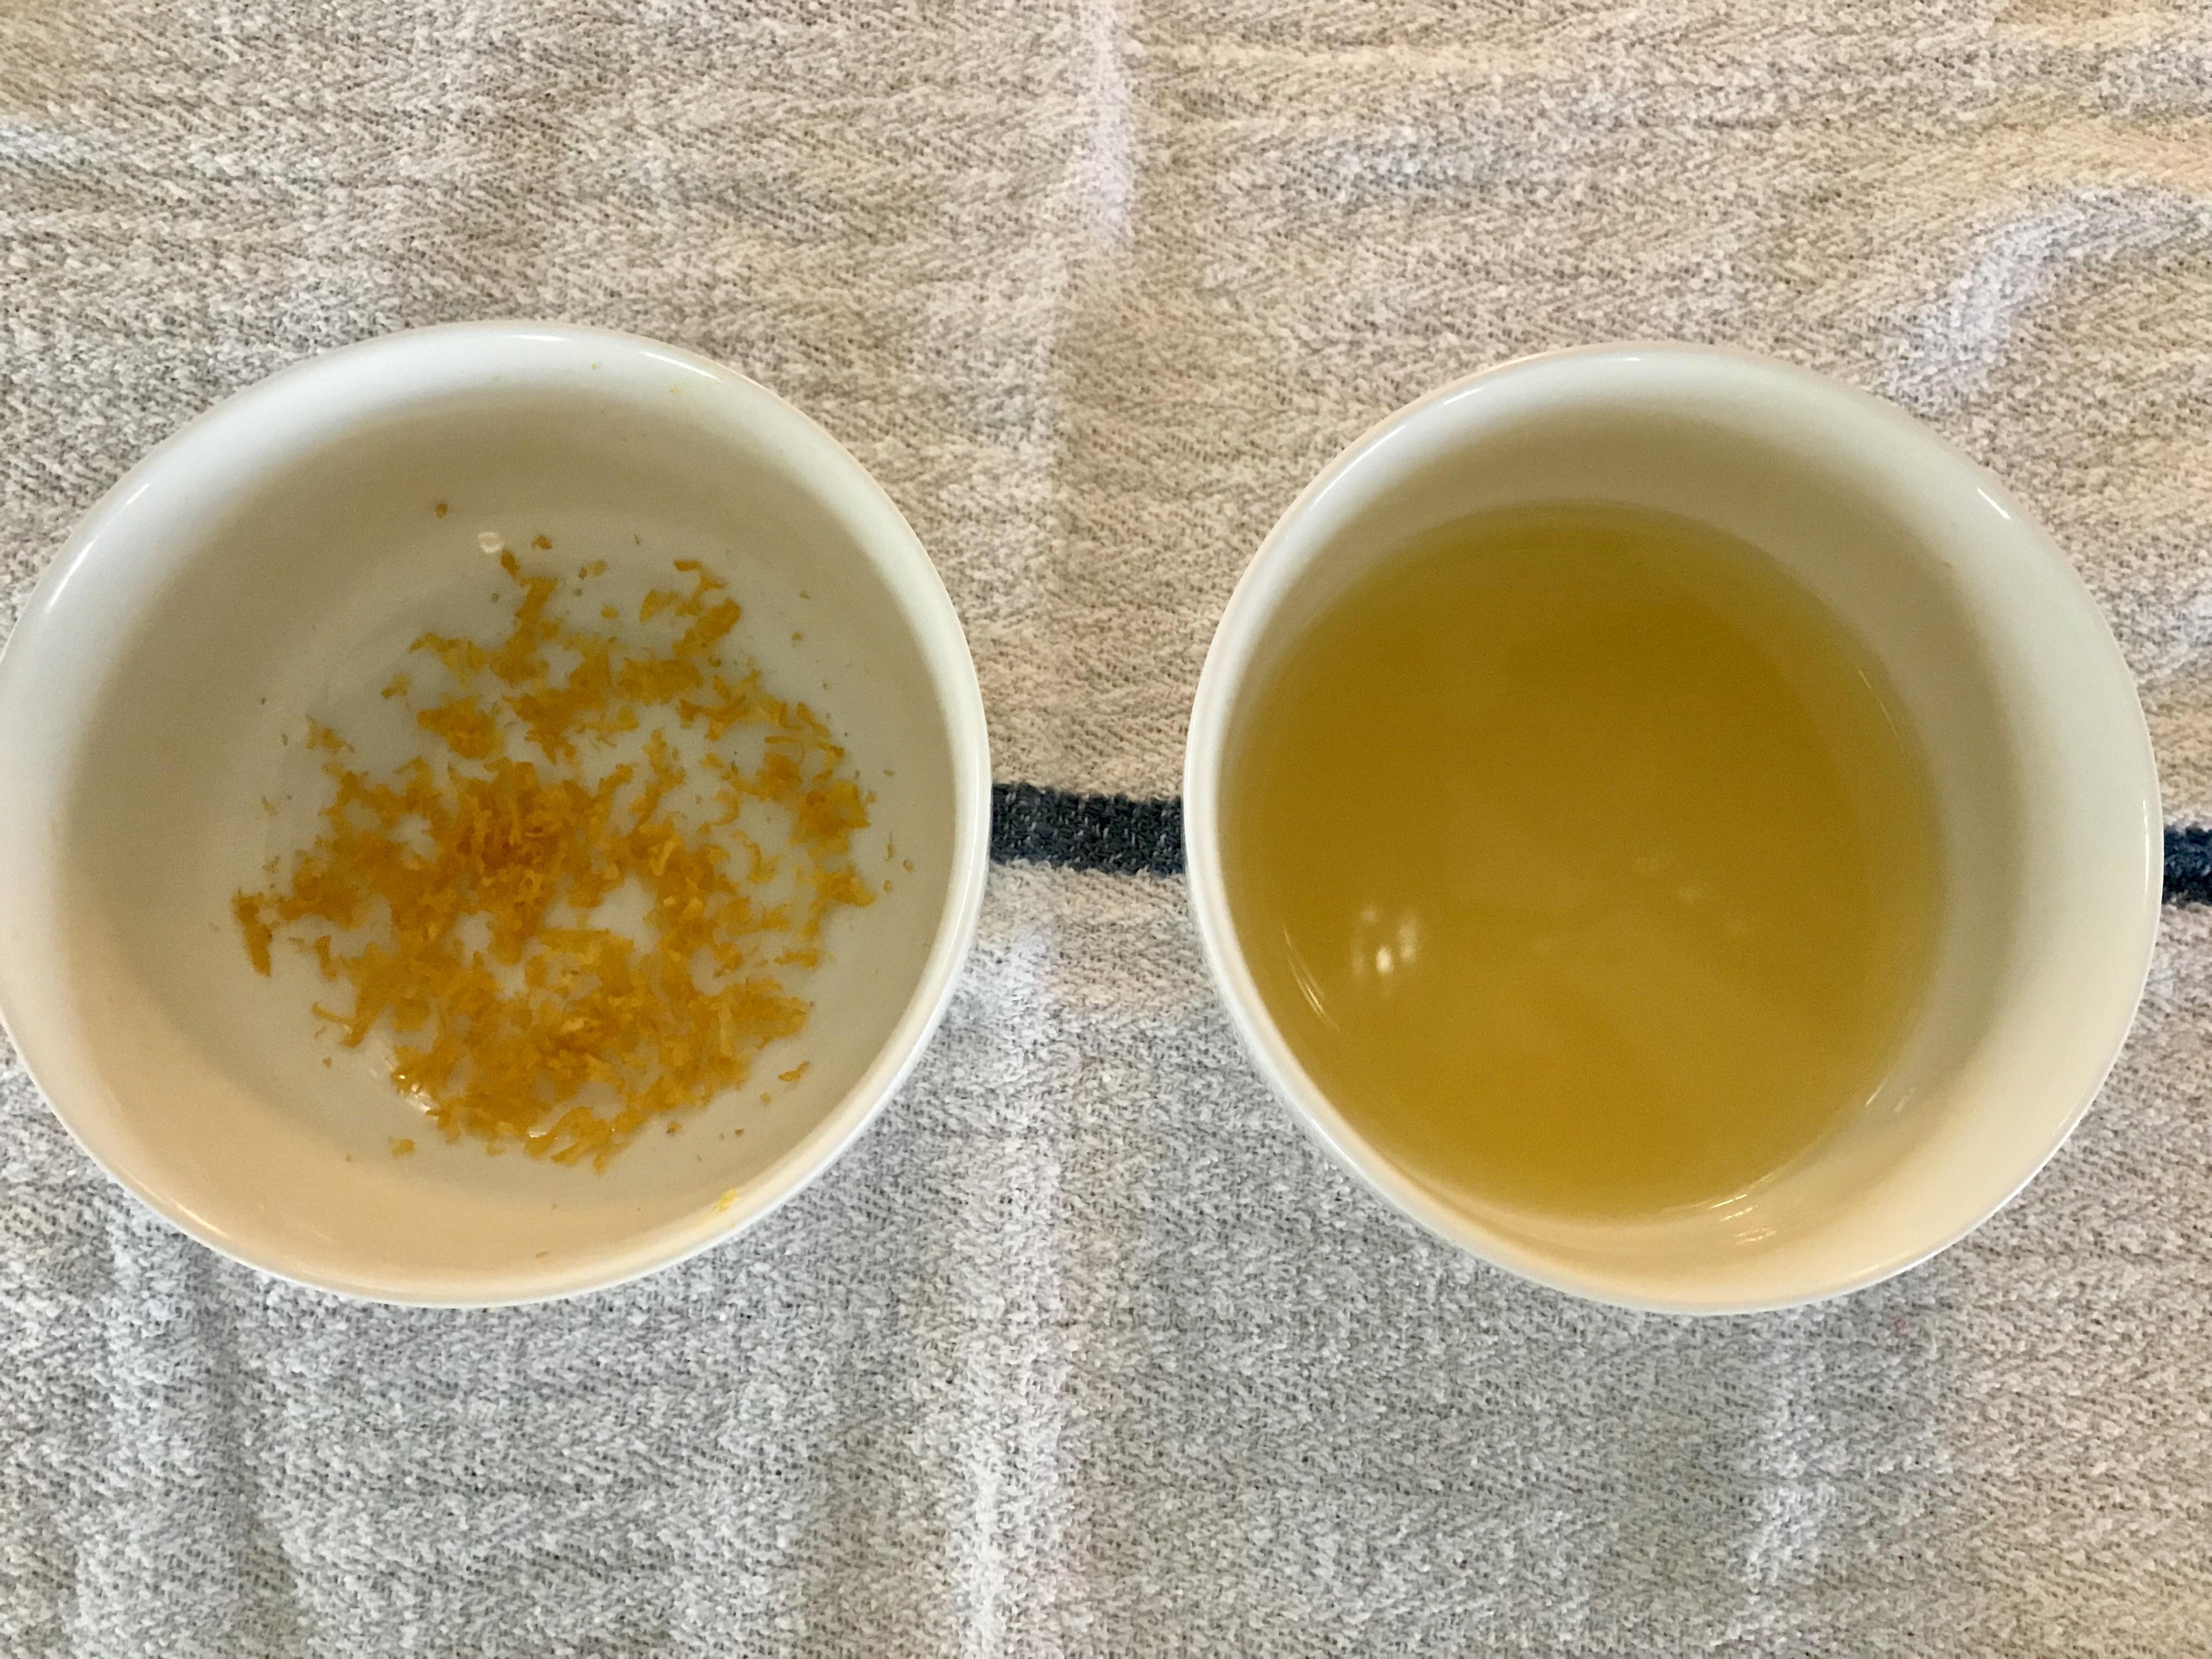 Bowls of lemon zest and freshly squeezed lemon juice